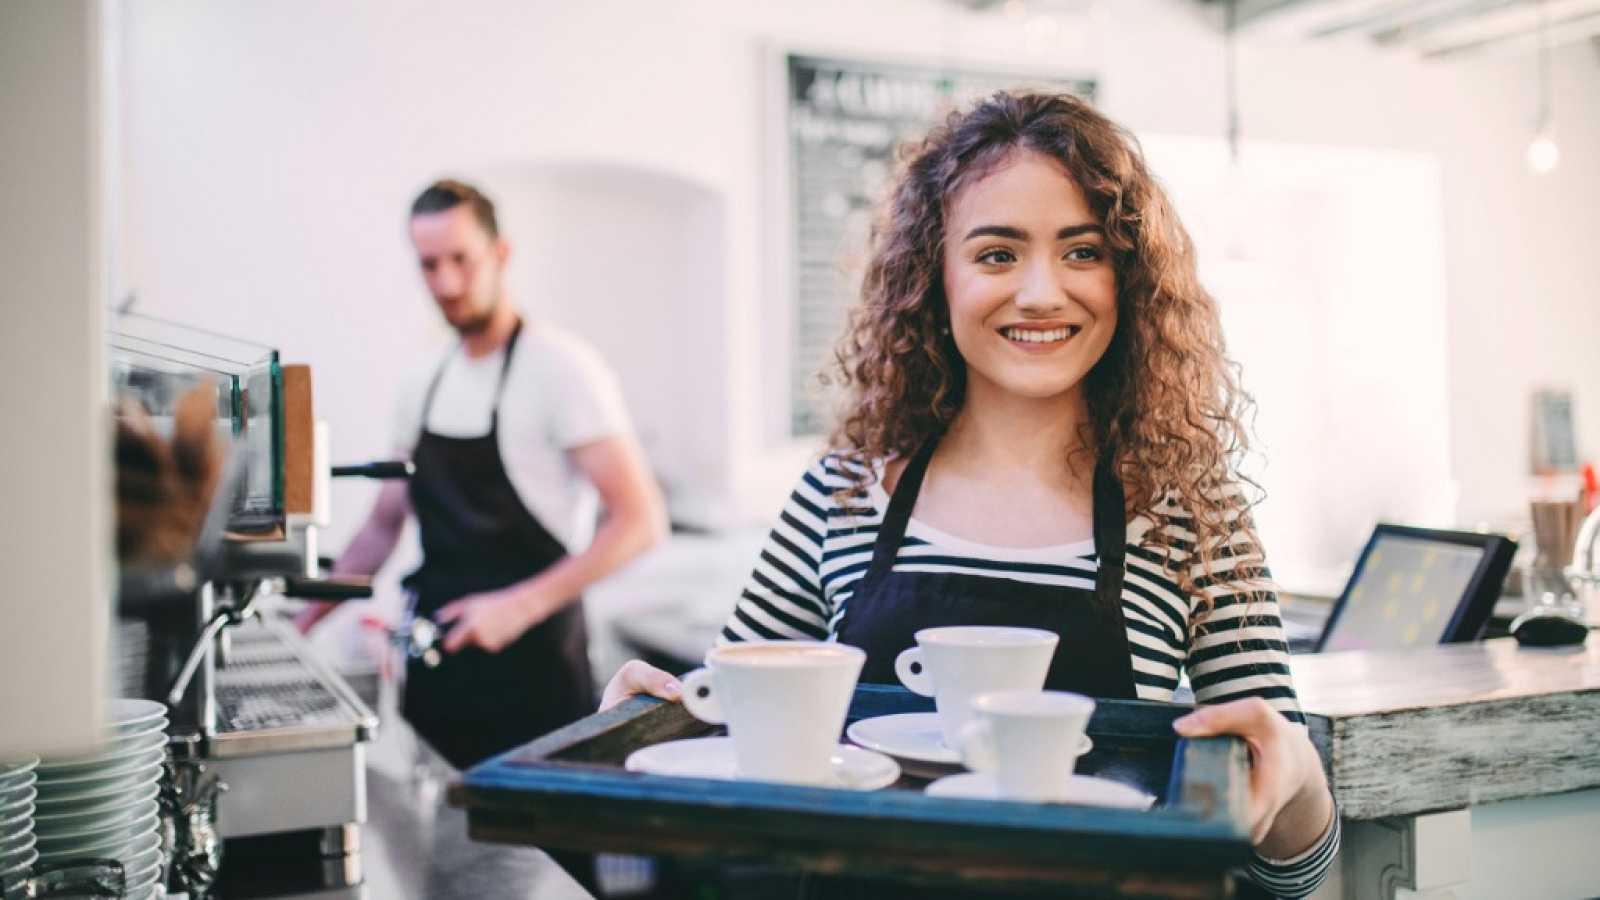 Diez minutos bien empleados - Demasiado jóvenes para trabajar - 09/09/19 - Escuchar ahora